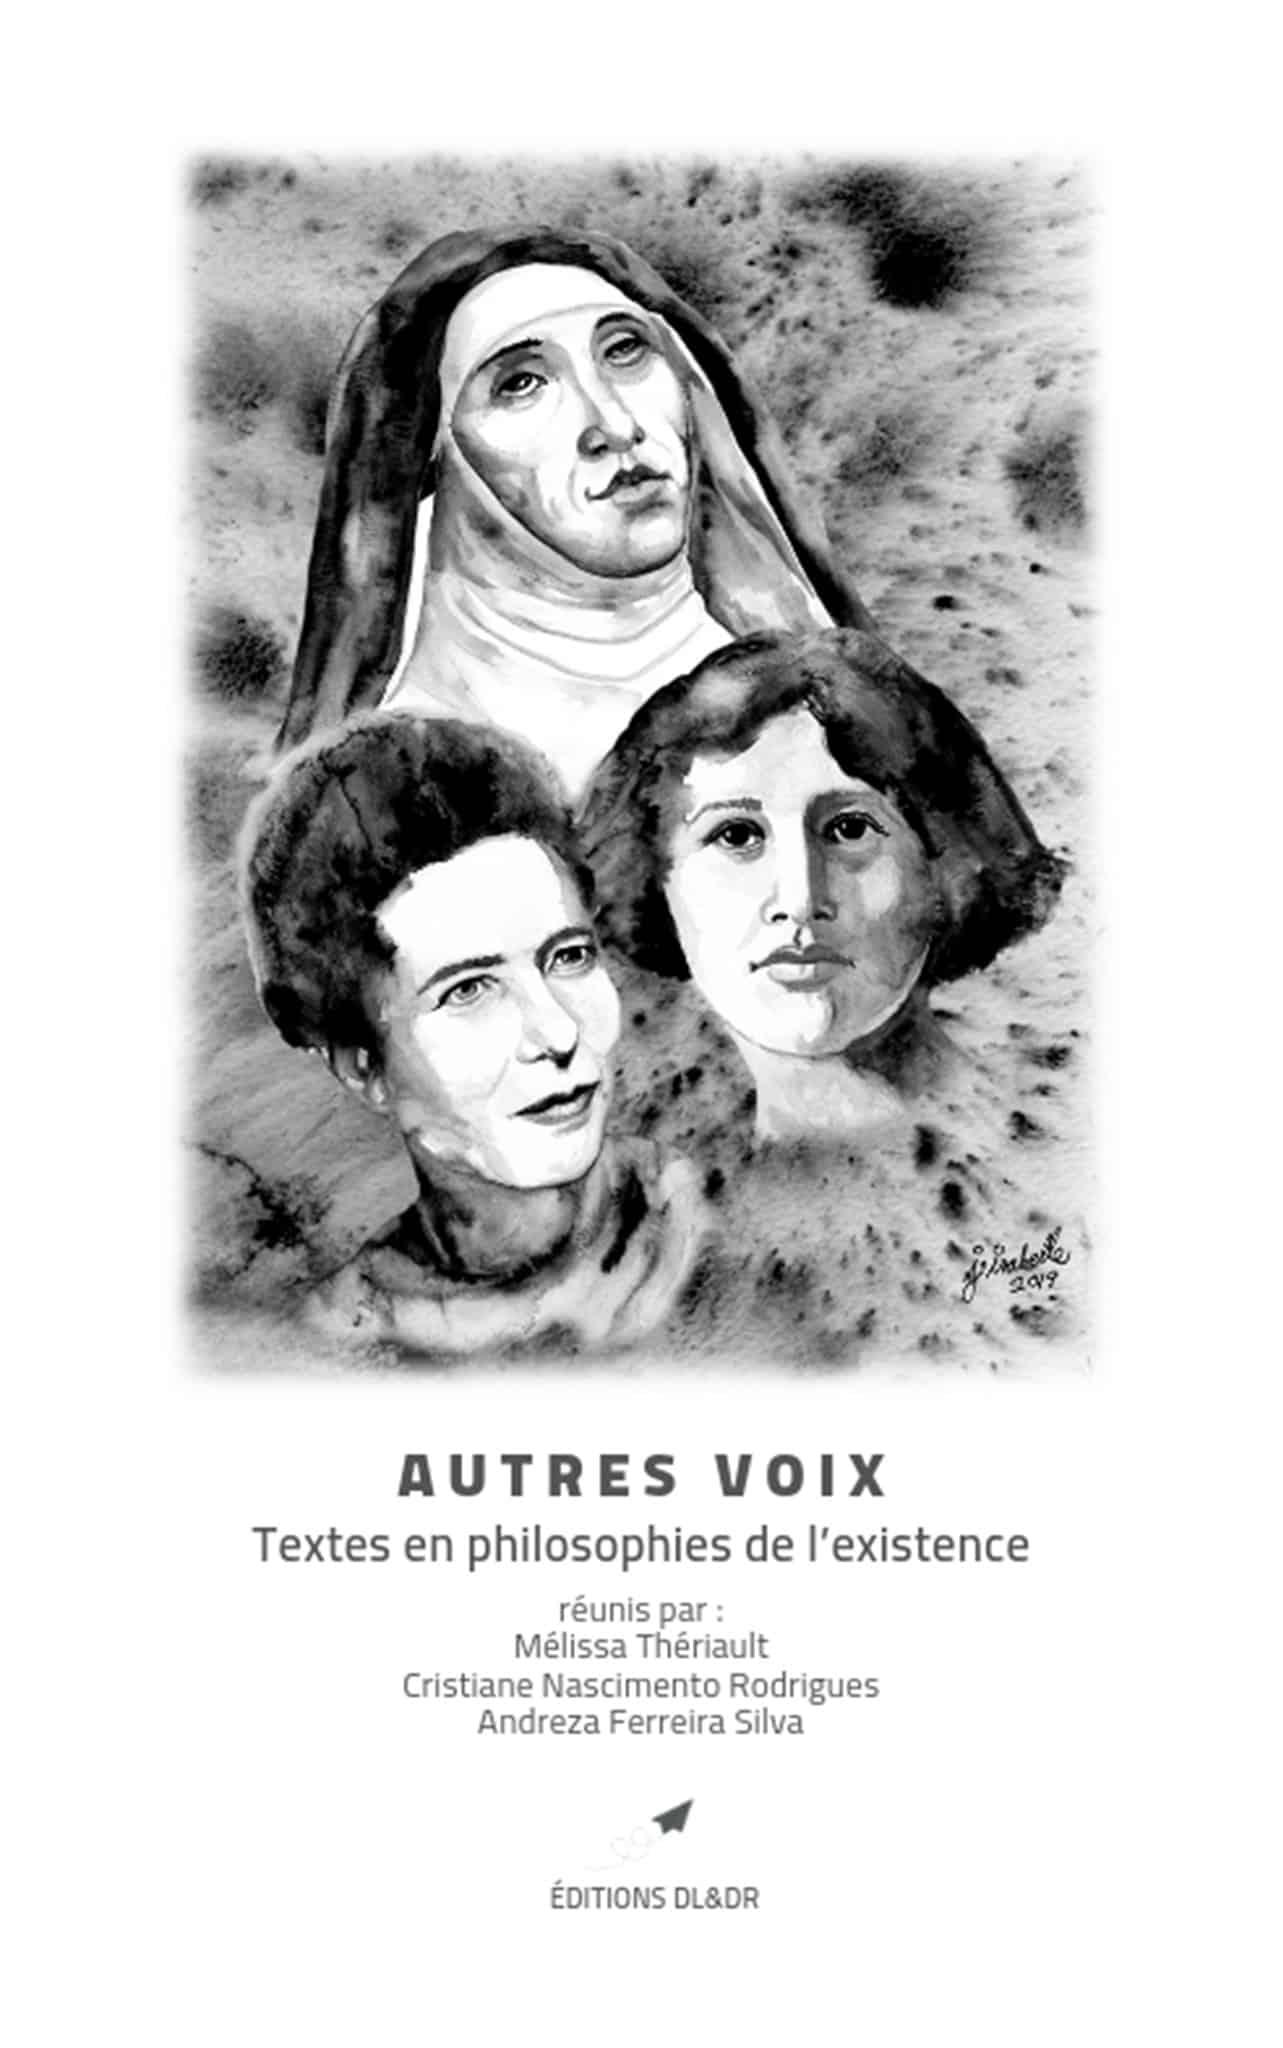 M. Thériault, C. Nascimento Rodrigues, A. Ferreira Silva (éd.), Autres voix. Textes en philosophies de l'existence